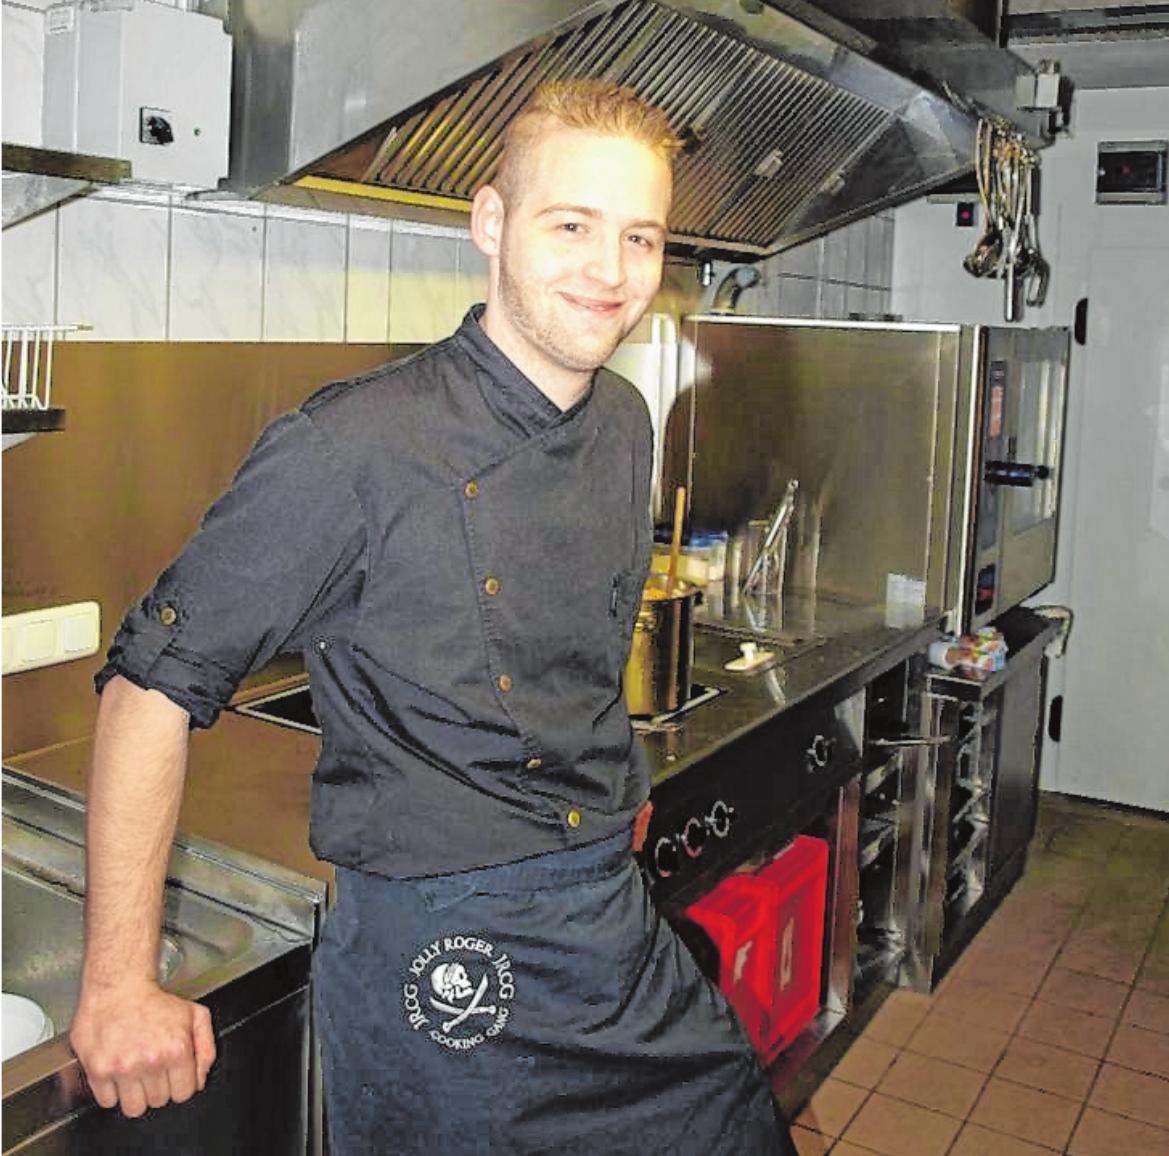 Lukas Rönninger hat sein Handwerk bei Spitzenköchen gelernt und setzt die Kenntnisse im 99er Kulinarium um.FOTO: CARMEN LECHNER